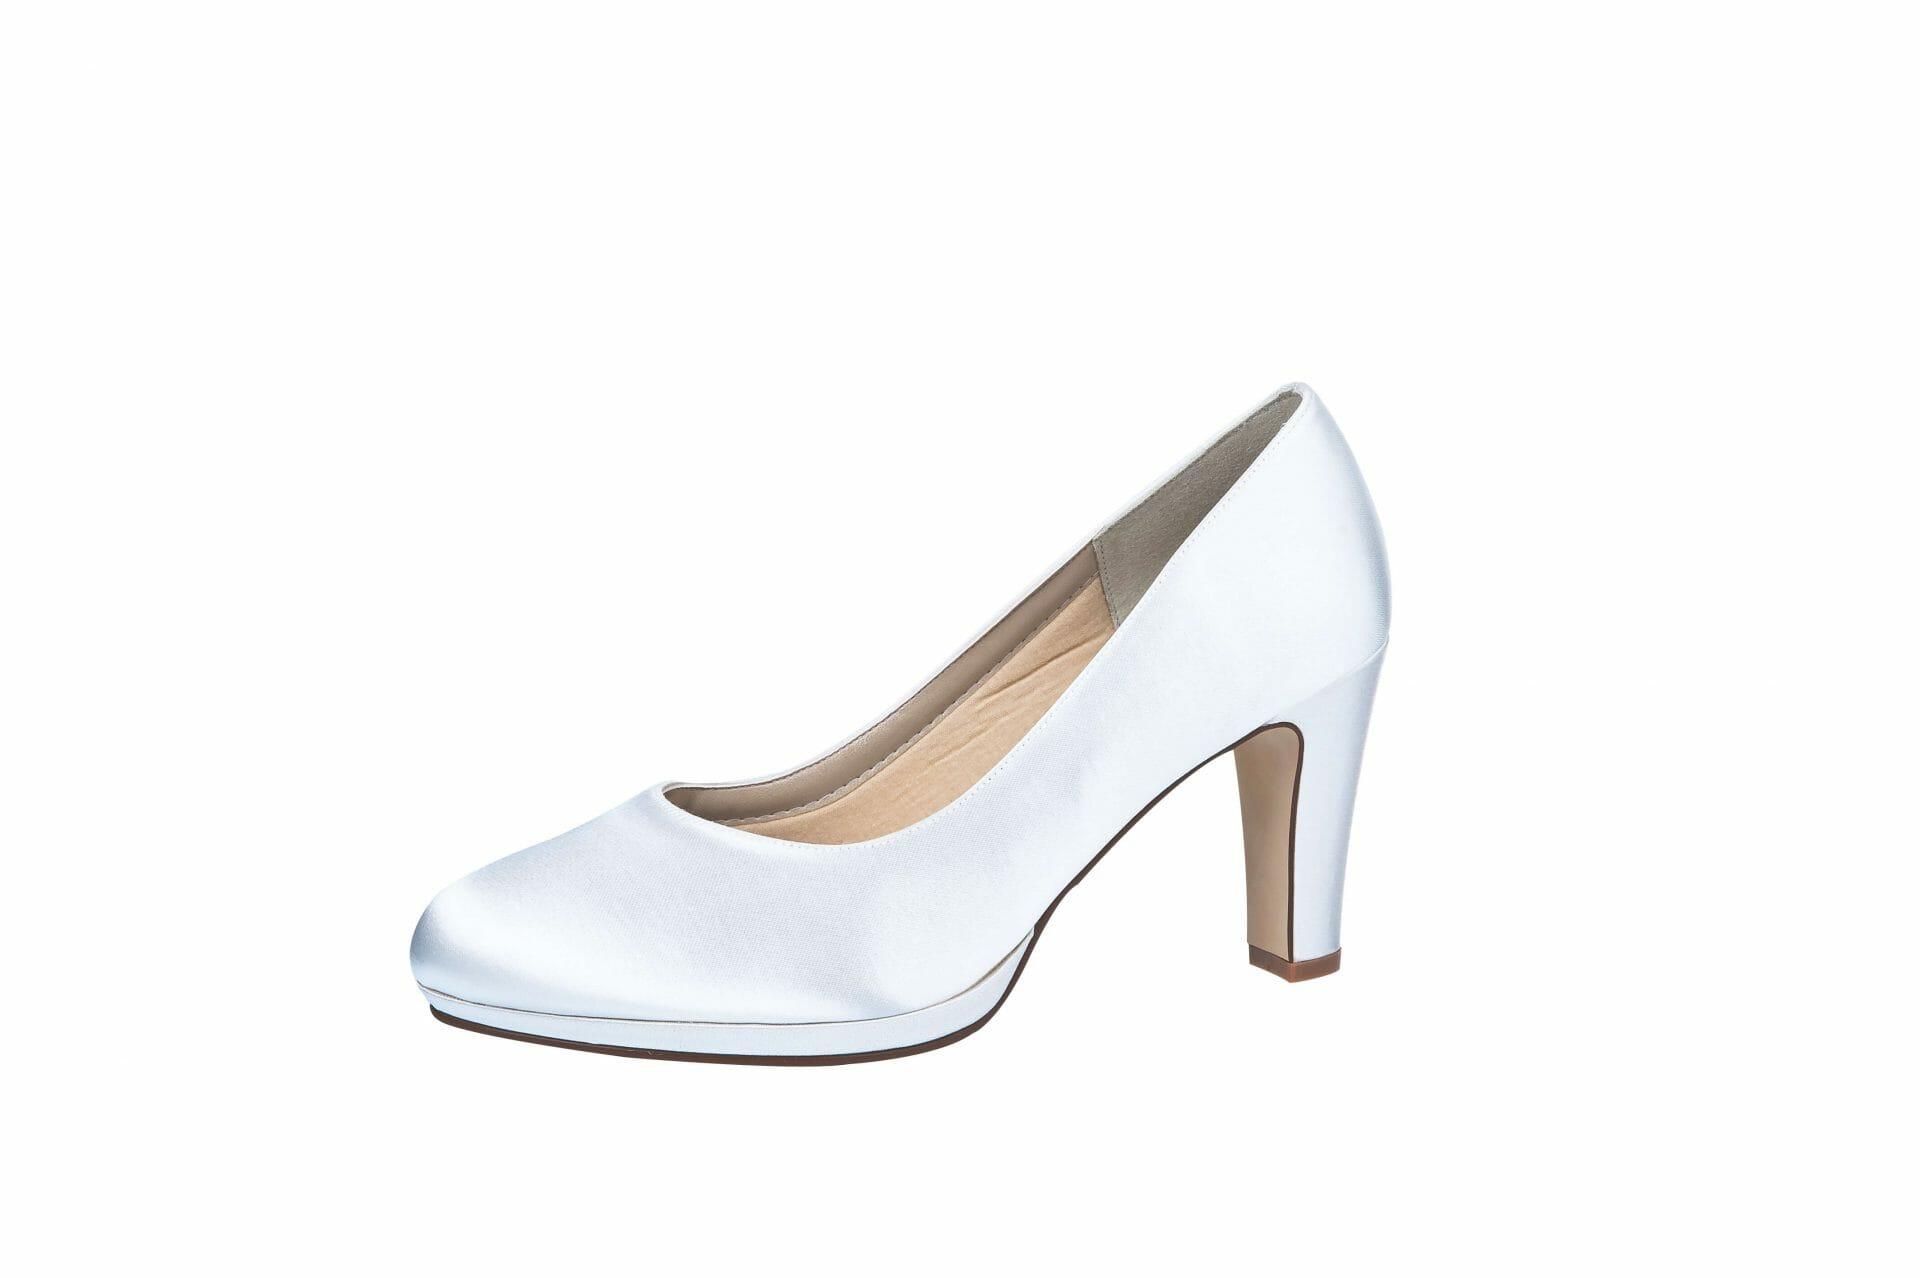 Chaussures de mariées Grace, molletonnées et très confortables